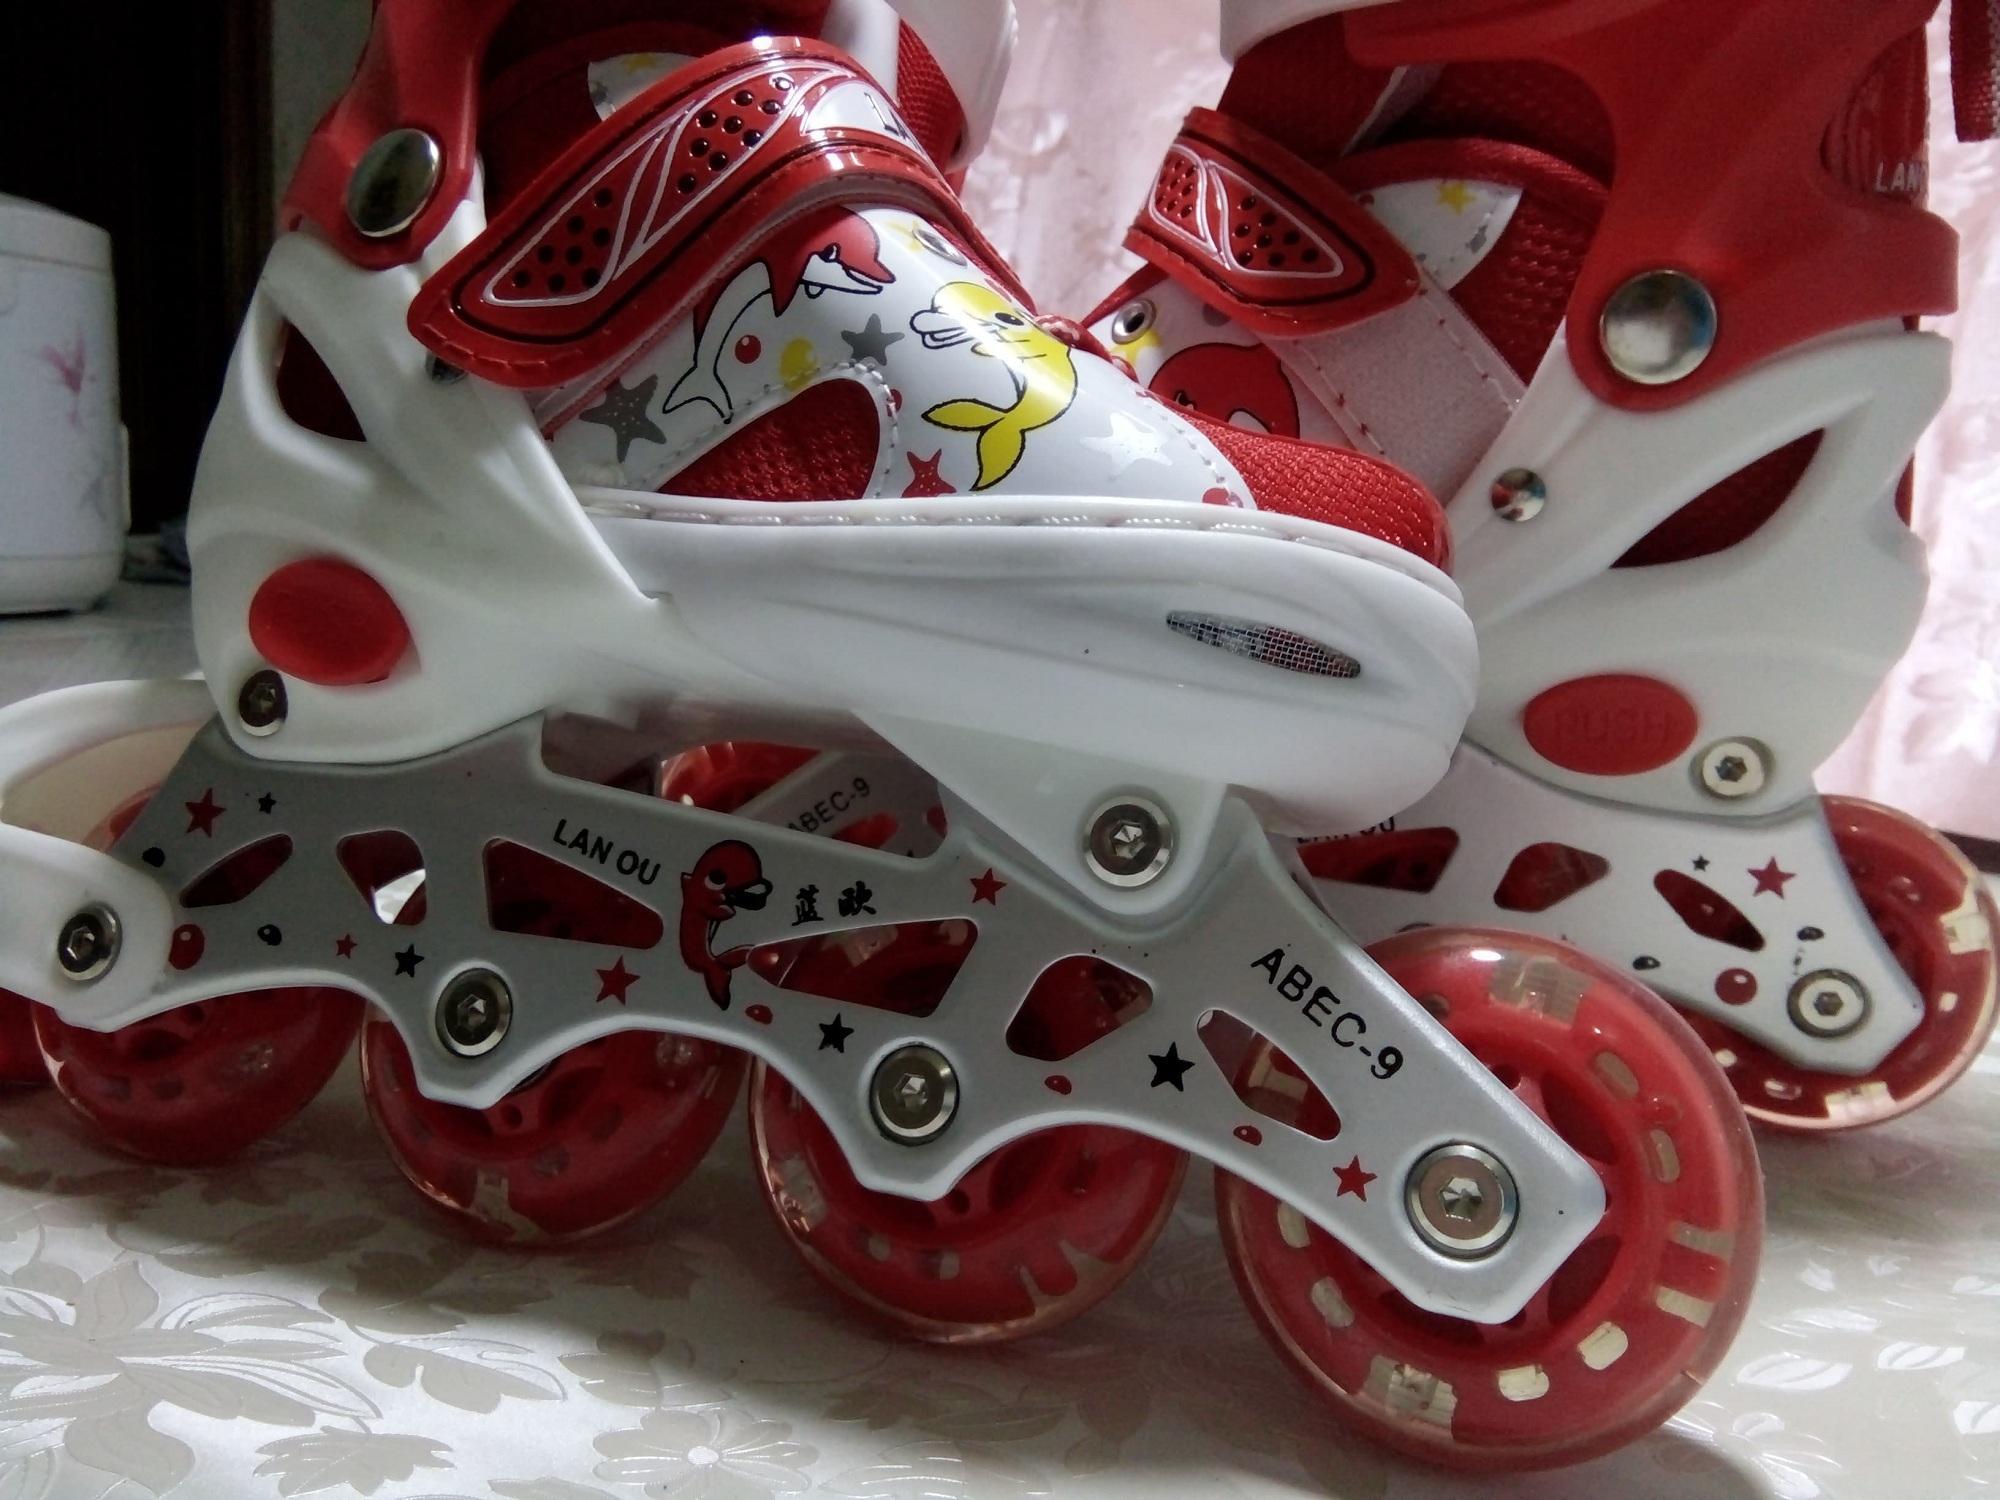 bộ giày trượt patin đỏ trắng , size L 39-42 trên 10 tuổi, bộ bảo hộ tay chân + nốn bảo hộ